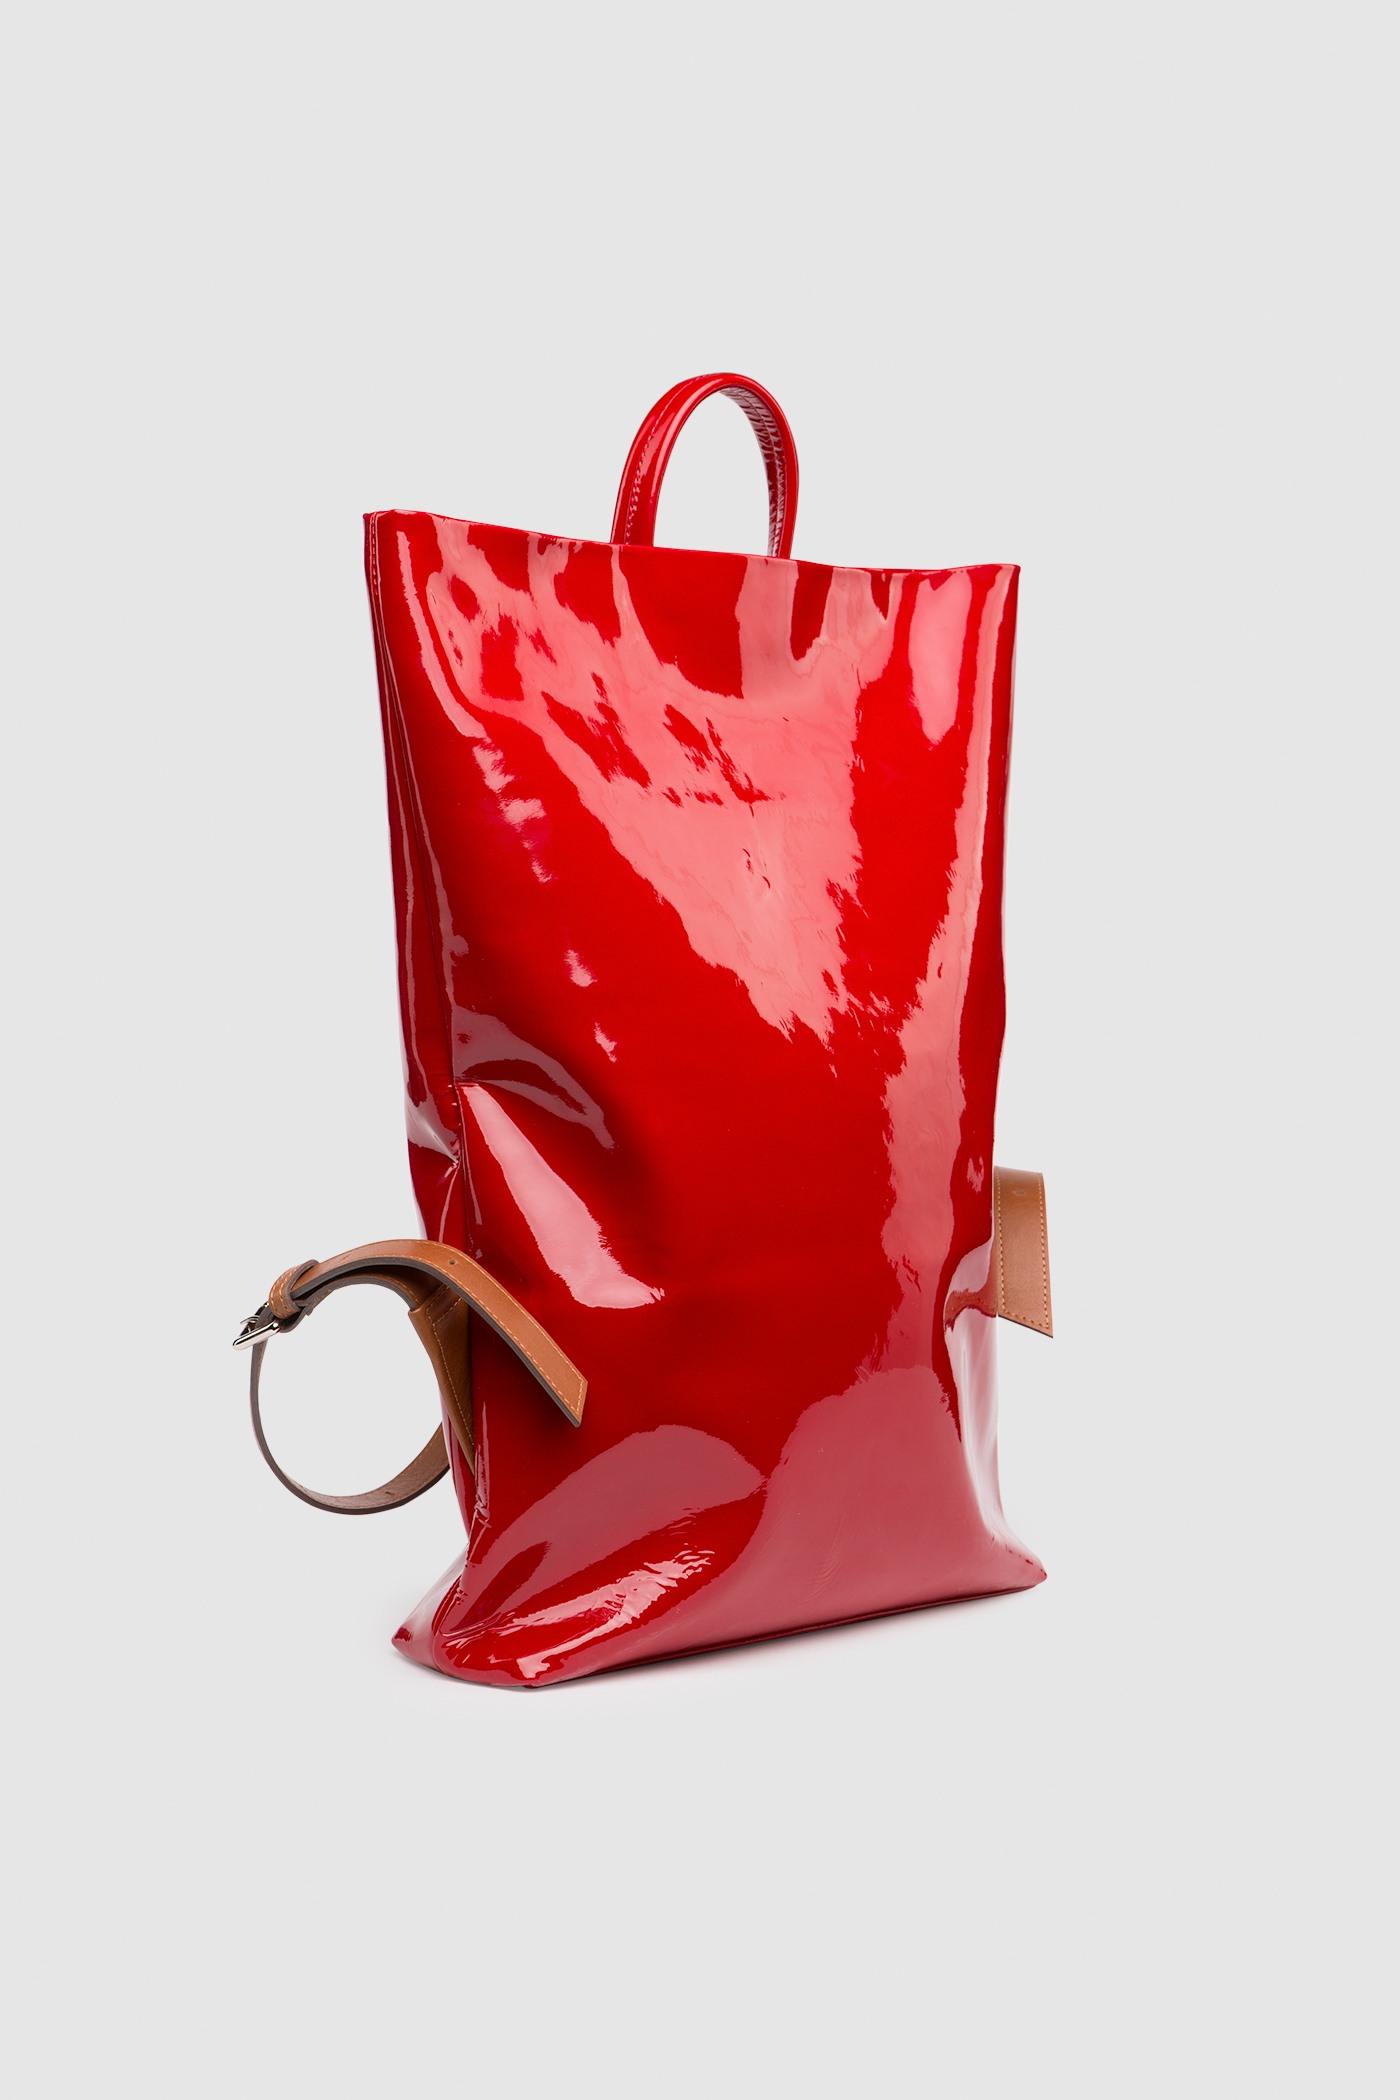 Рюкзак в трех размерах S, M, LПрямоугольныый городской рюкзак из плотной лакированной кожи. Закрывается на черную молнию сверху. Внутреннее отделение с тканевой подкладкой. Карман на молнии с тыльной стороны и небольшой карман на молнии внутри. Петля для подвешивания и регулируемые лямки из ремневой кожи - ширина 2,5 см. Прилагается чехол для хранения.&#13;<br>&#13;<br>&#13;<br>унисекс&#13;<br>&#13;<br>плоский рюкзак&#13;<br>&#13;<br>формирует объем за счет наполнения&#13;<br>&#13;<br>&#13;<br>Размеры рюкзака:&#13;<br>в размере S: высота 32х39 см&#13;<br>в размере M: высота 32х48 см&#13;<br>в размере L: высота 43х58 см&#13;<br>&#13;<br>Вес изделия:&#13;<br>650 грамм (рюкзак S)&#13;<br>800 грамм (рюкзак М)&#13;<br>970 грамм (рюкзак L)<br><br>Цвет: Красный глянец<br>Размер: S, M, L